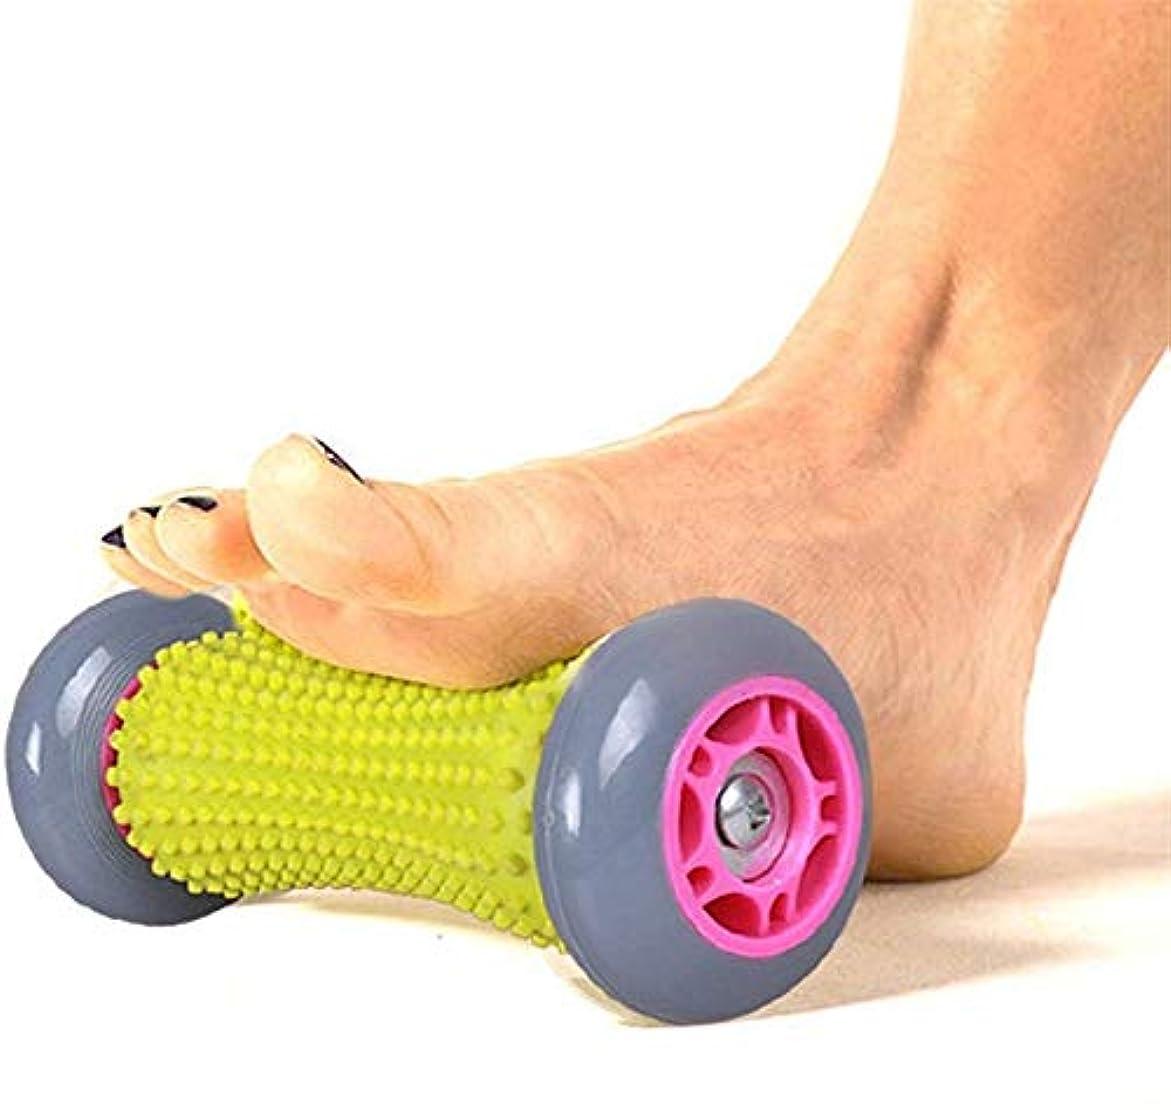 やりすぎ投げ捨てるしたがってフットマッサージローラー、足の上にタイトな筋肉、全体的にリラックス、ストレスリリーフとトリガーポイントセラピーのための足底筋膜炎のかかと足のアーチの痛みリフレクソロジーツールパーフェクトを和らげます